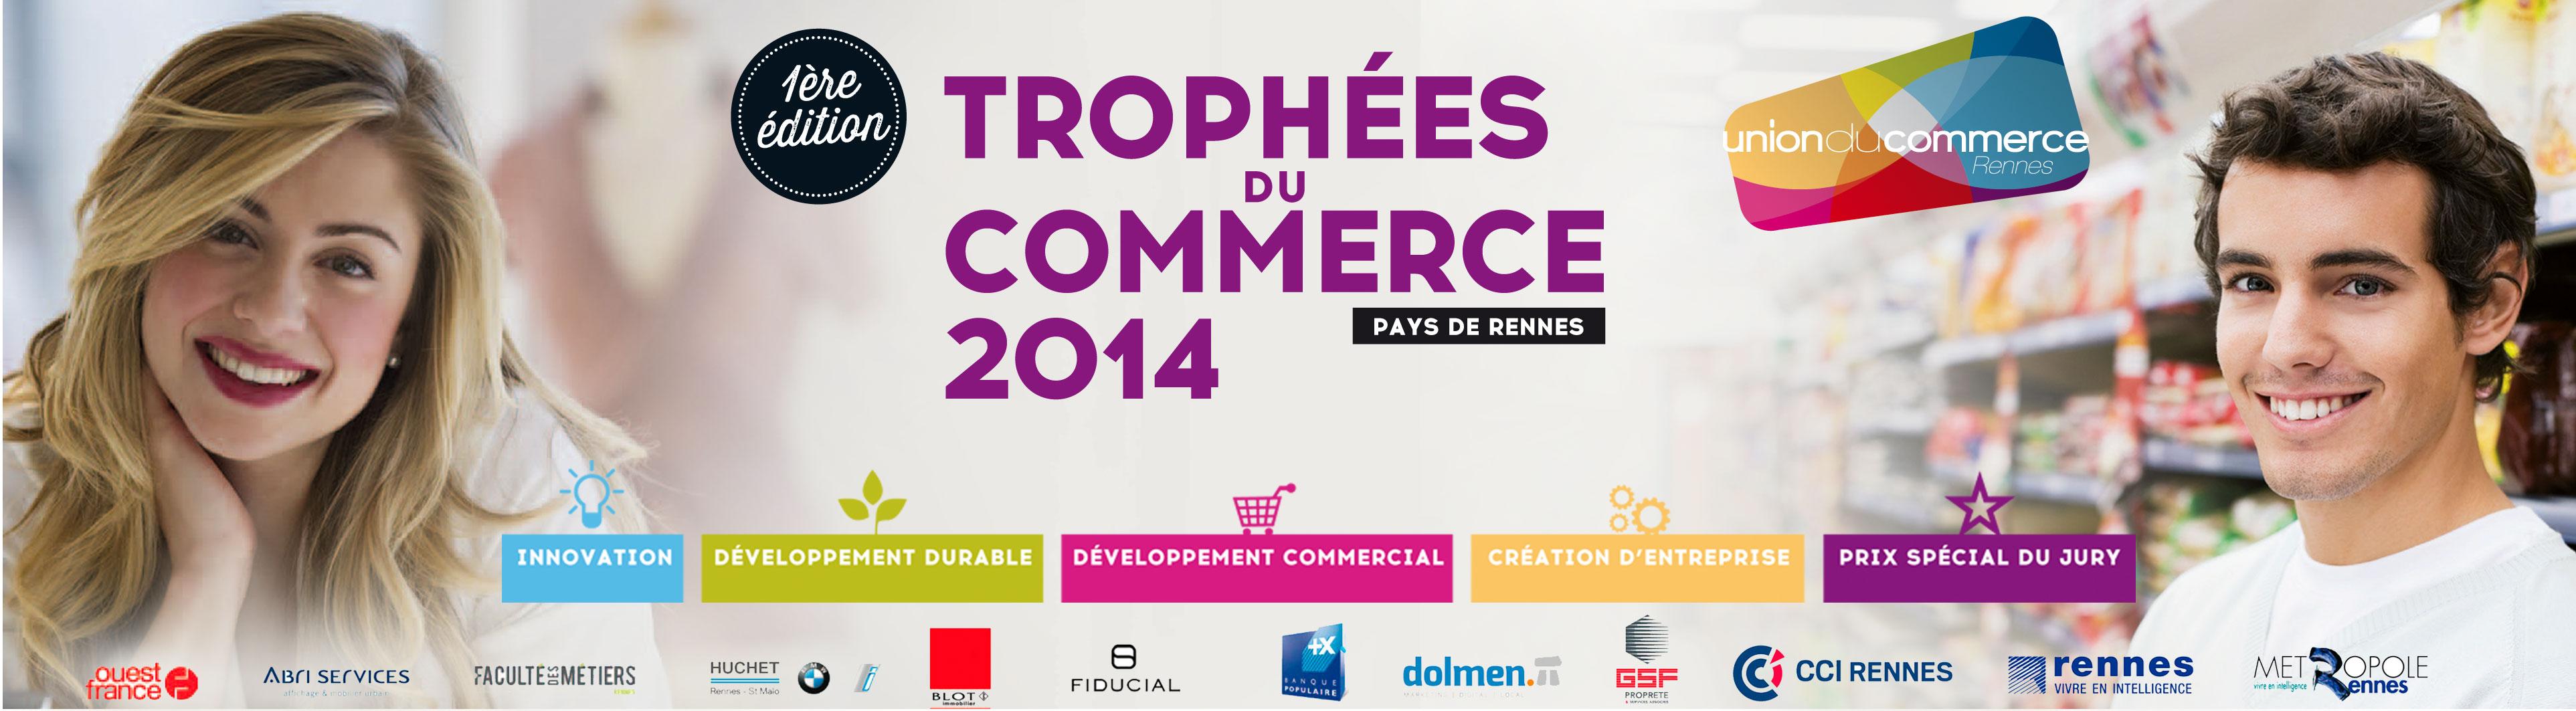 Trophées du Commerce édition 2014